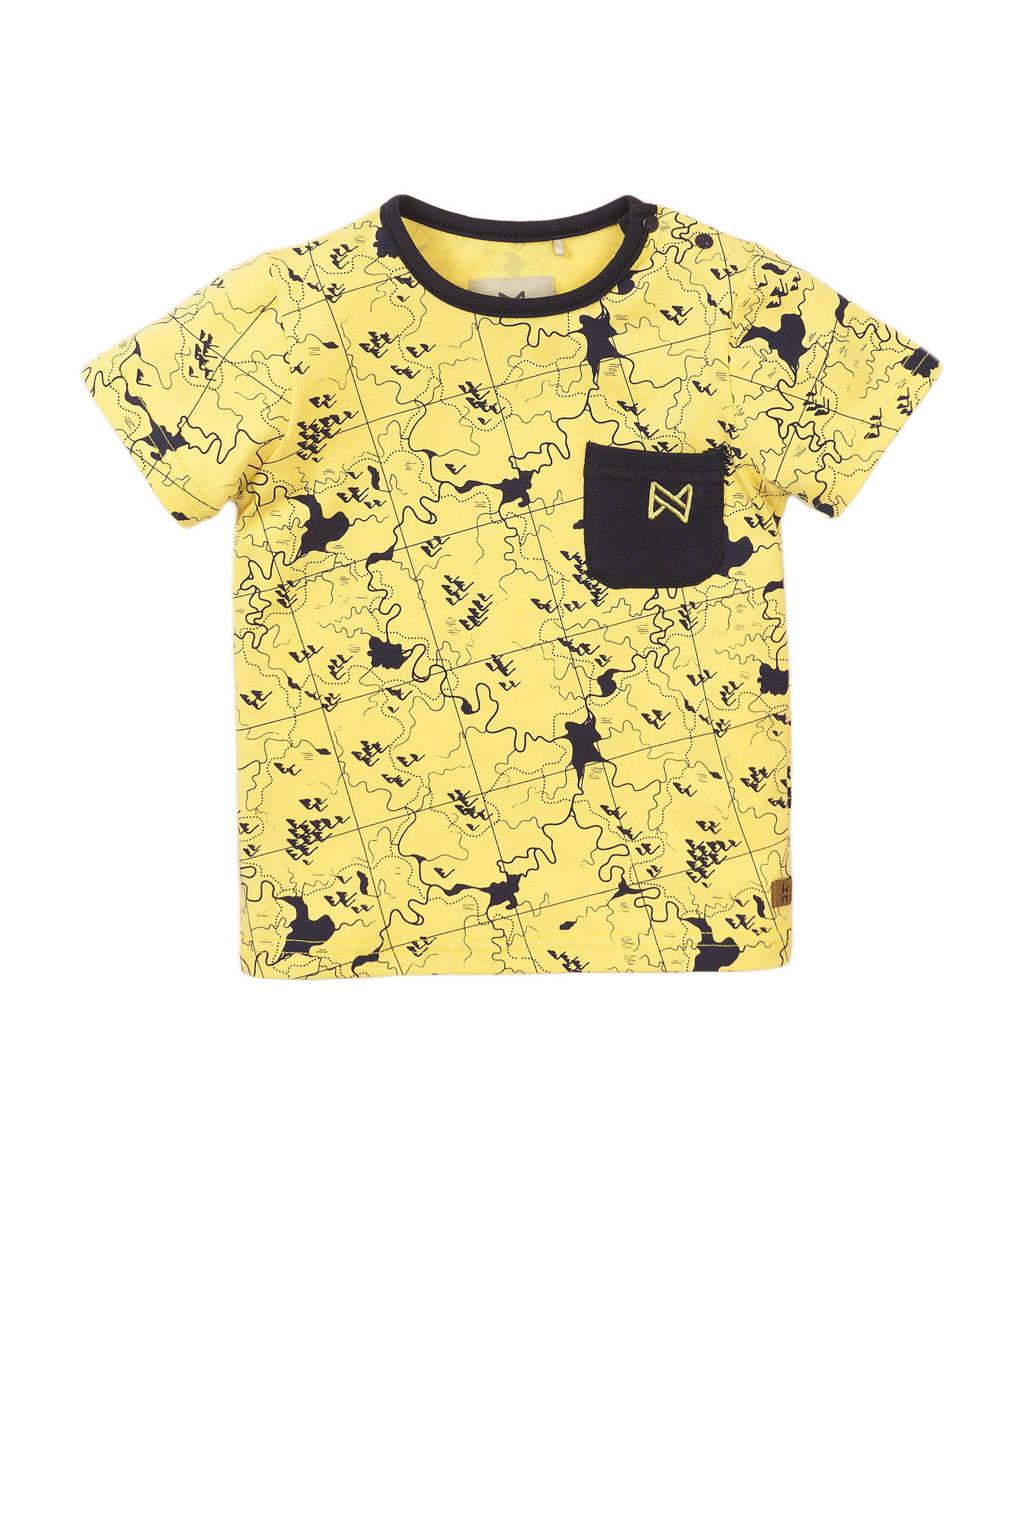 Koko Noko T-shirt met all over print geel/zwart, Geel/zwart